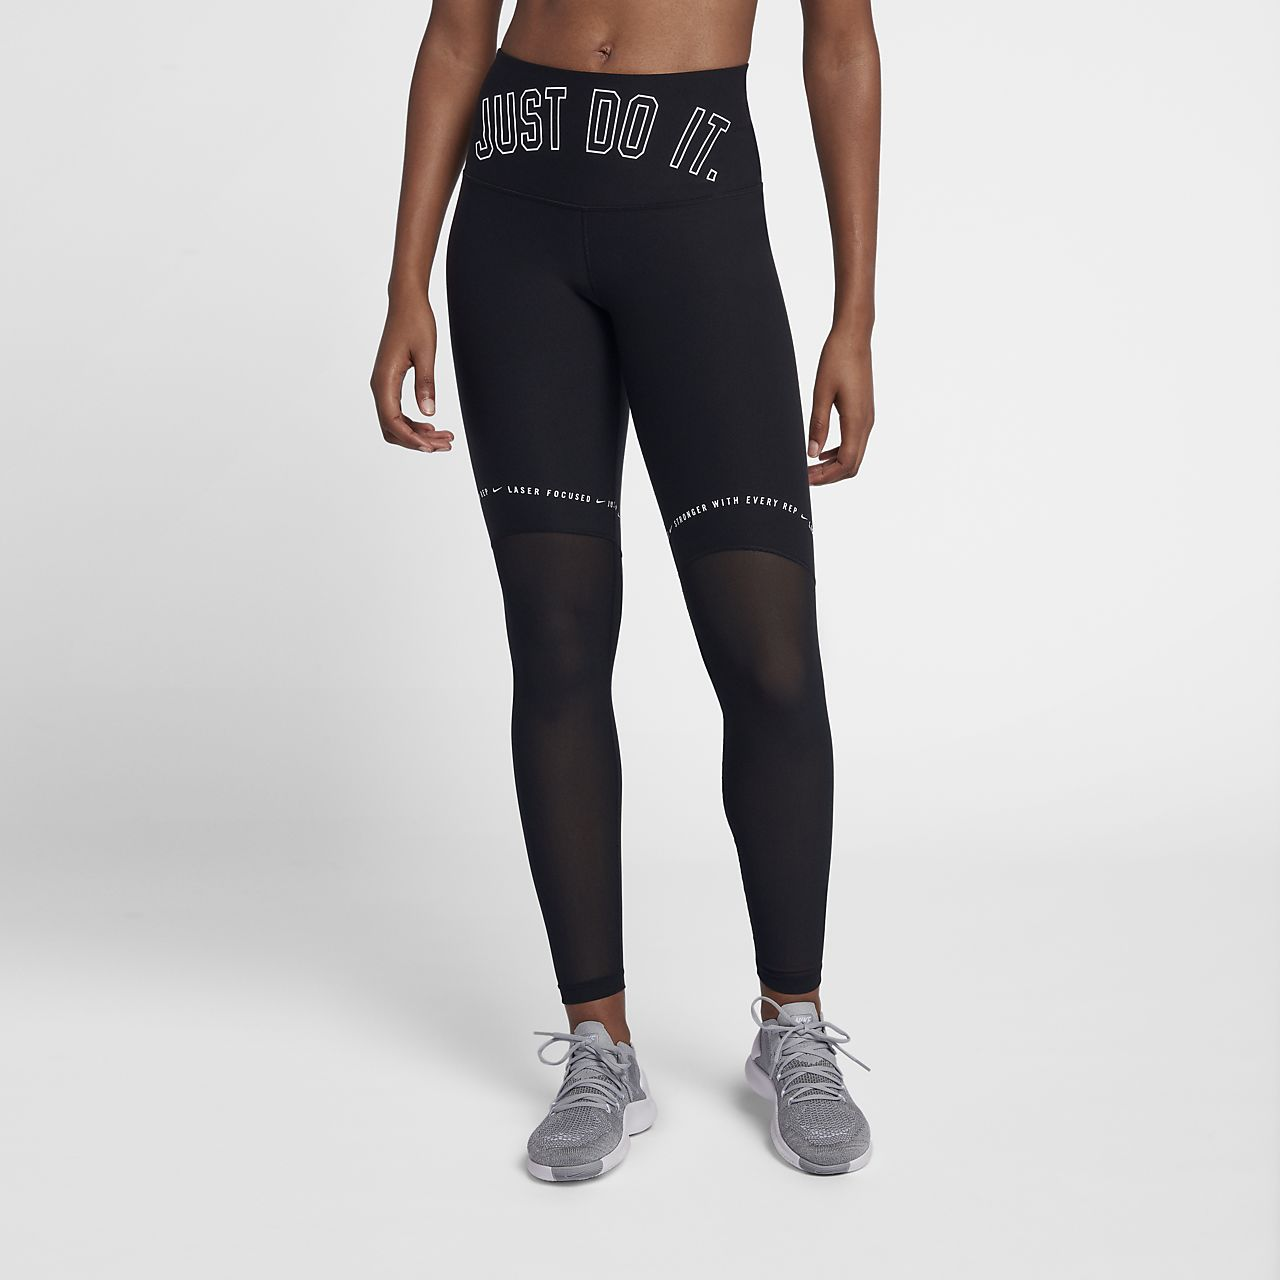 Dámské tréninkové legíny Nike Power Team se středně vysokým pasem ... e7ac674d23